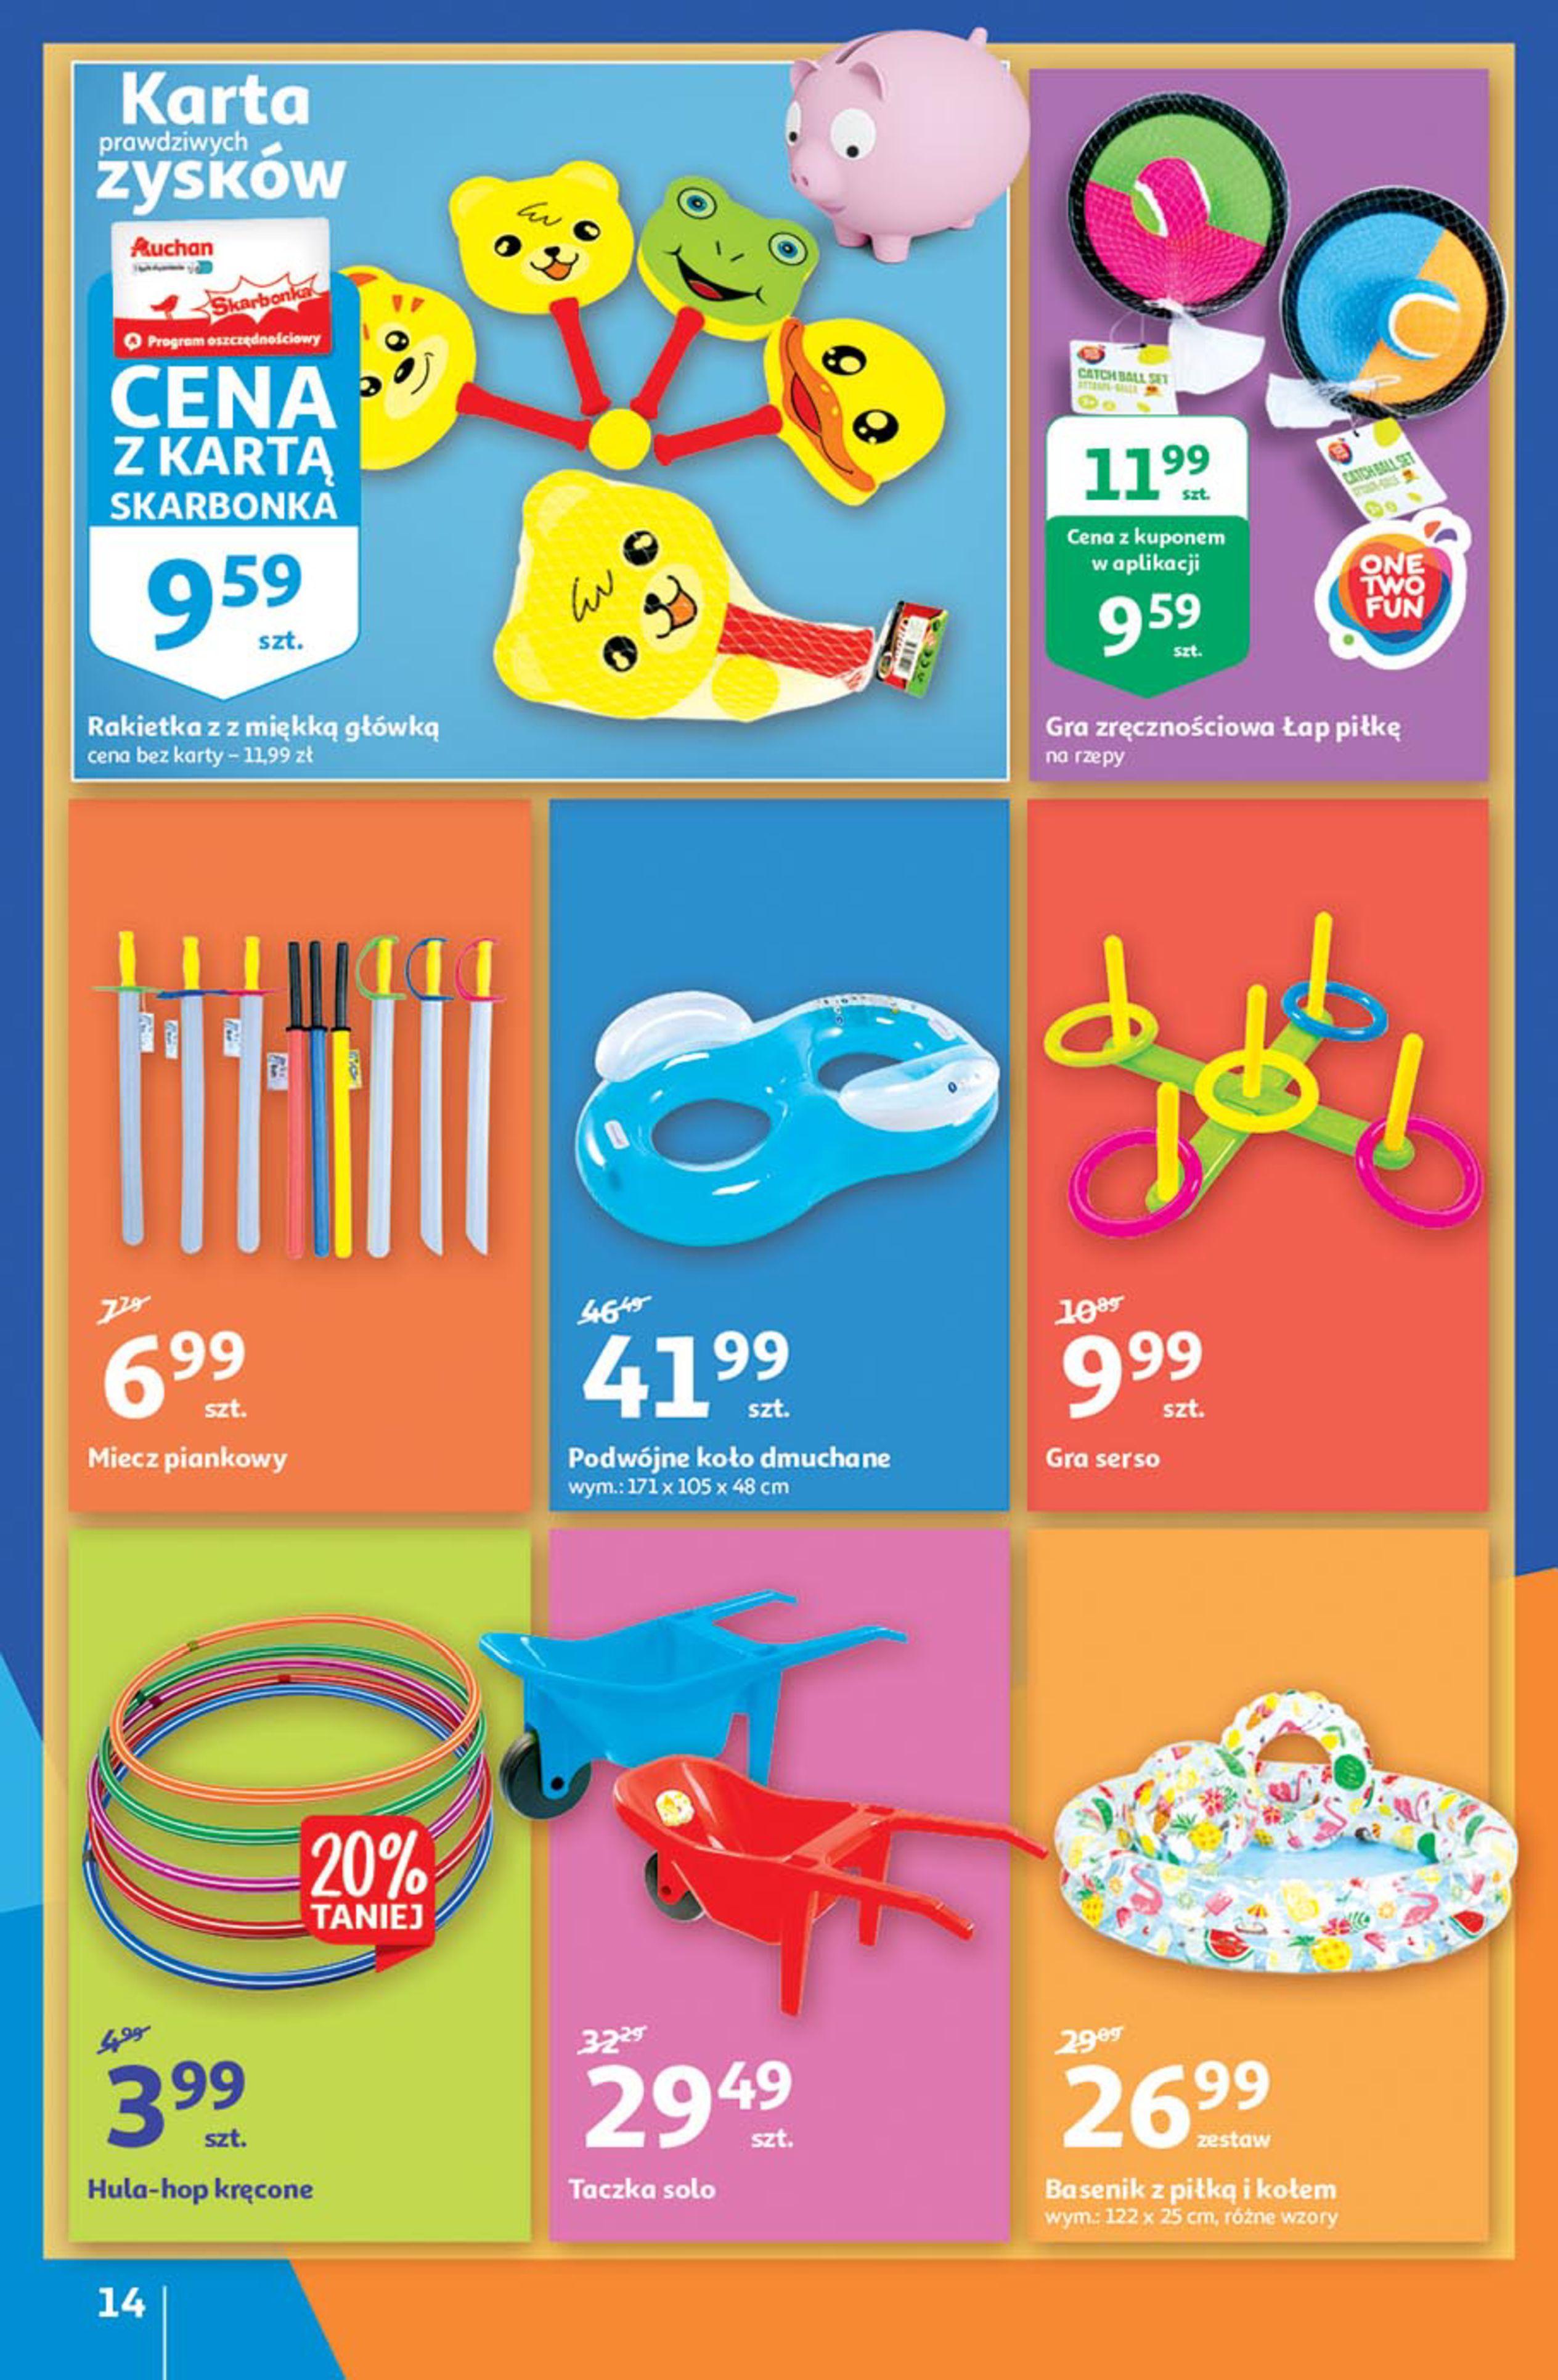 Gazetka Auchan: Gazetka Auchan - Euro 2020 2021-06-10 page-14